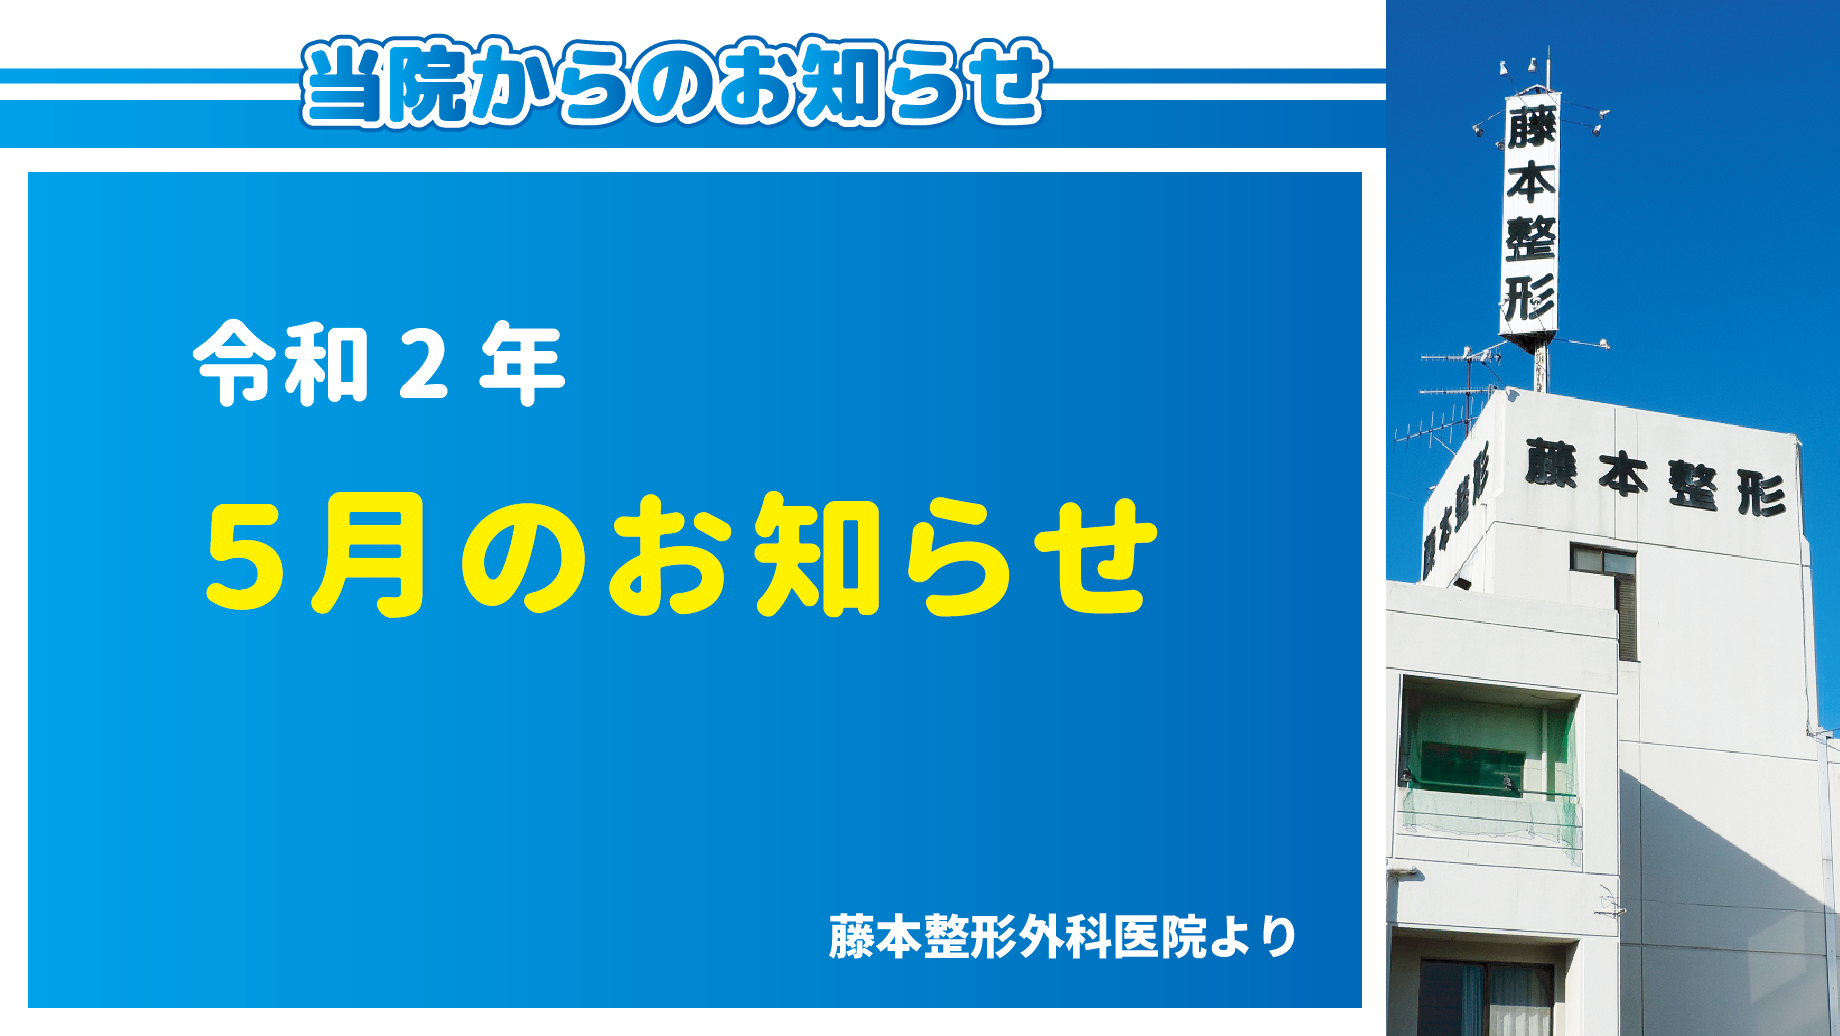 令和2年5月のお知らせ(大分の藤本整形外科医院より)